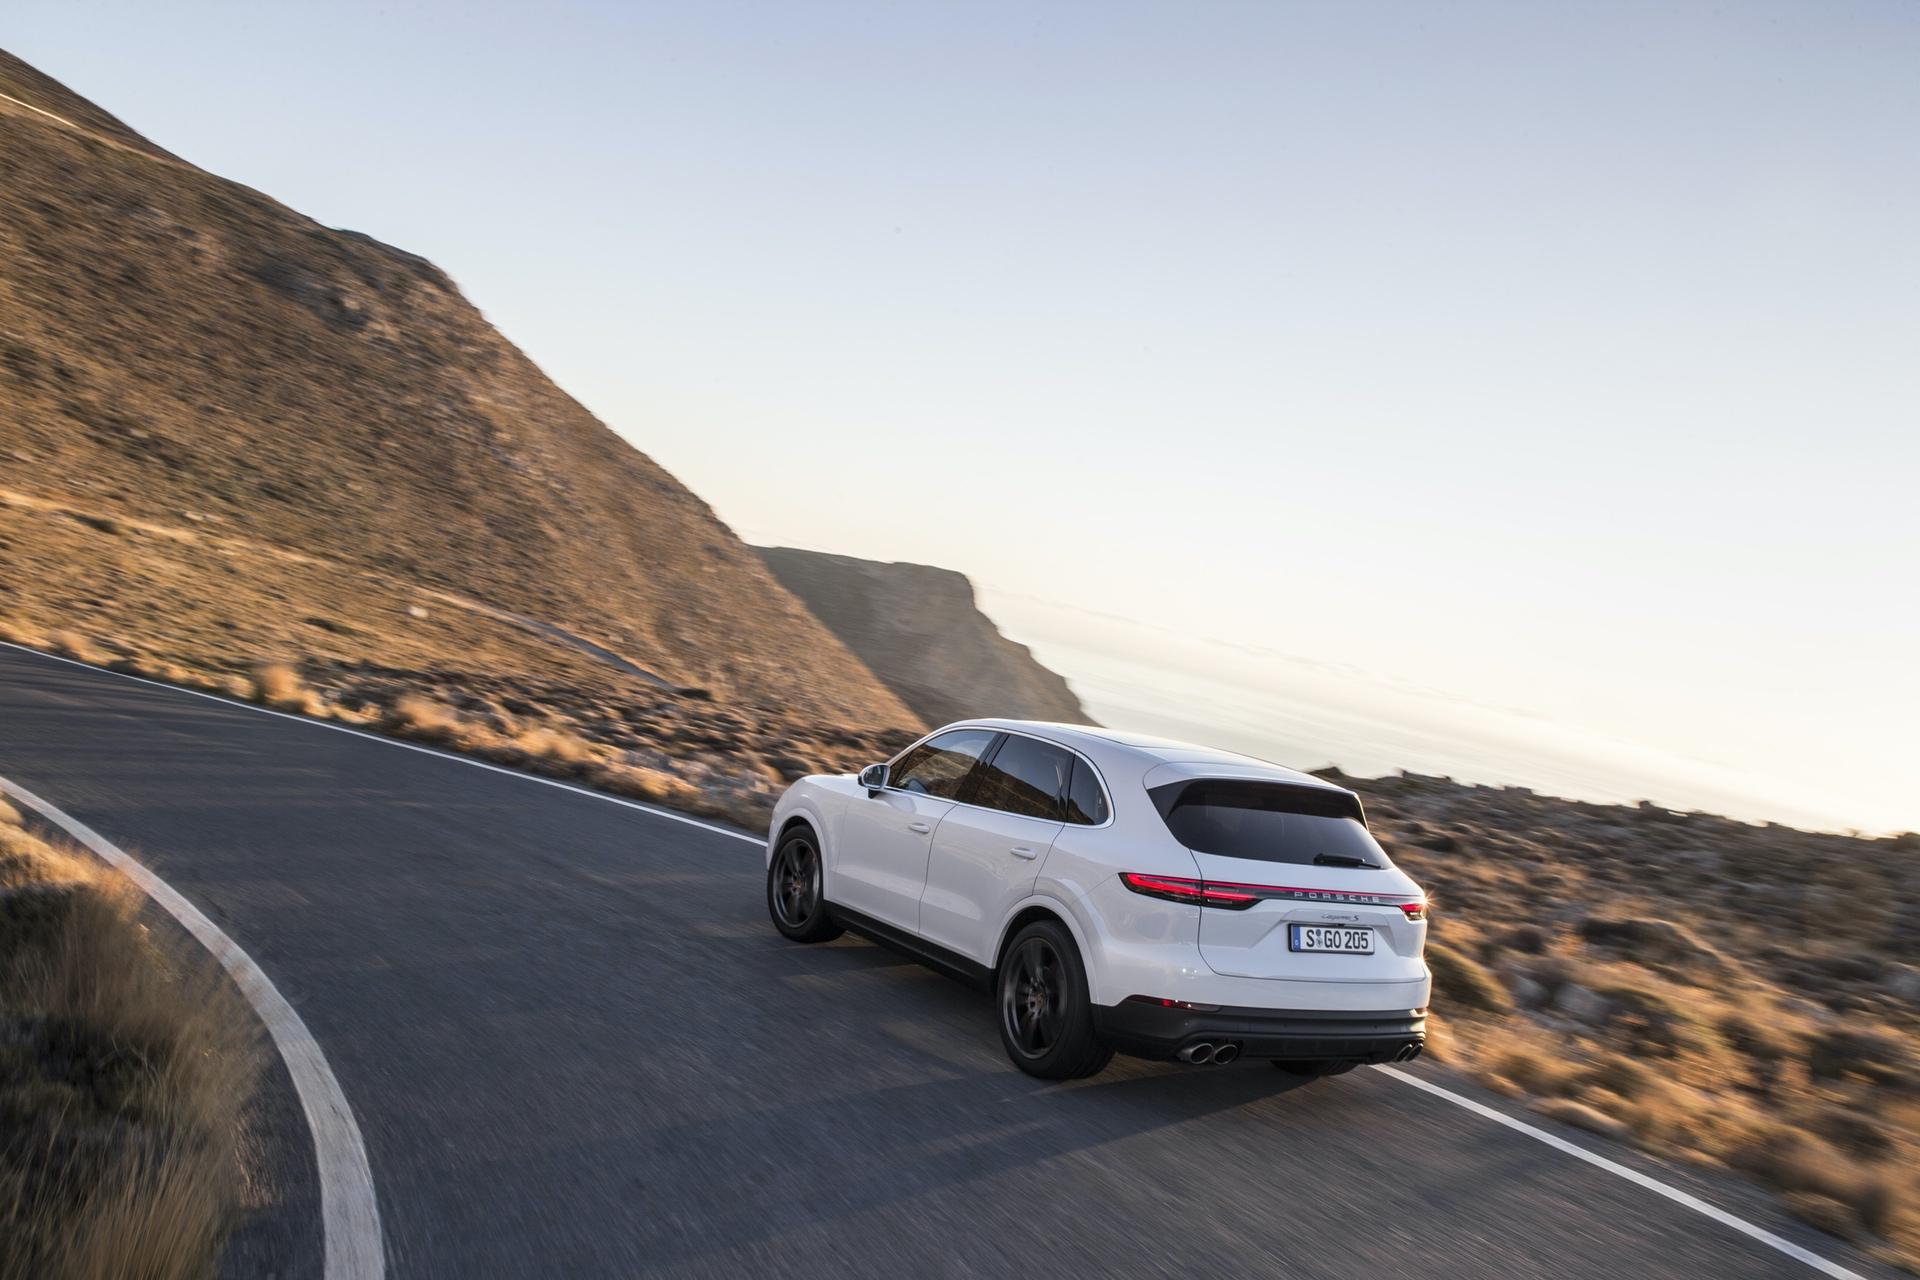 Test_Drive_Porsche_Cayenne_188